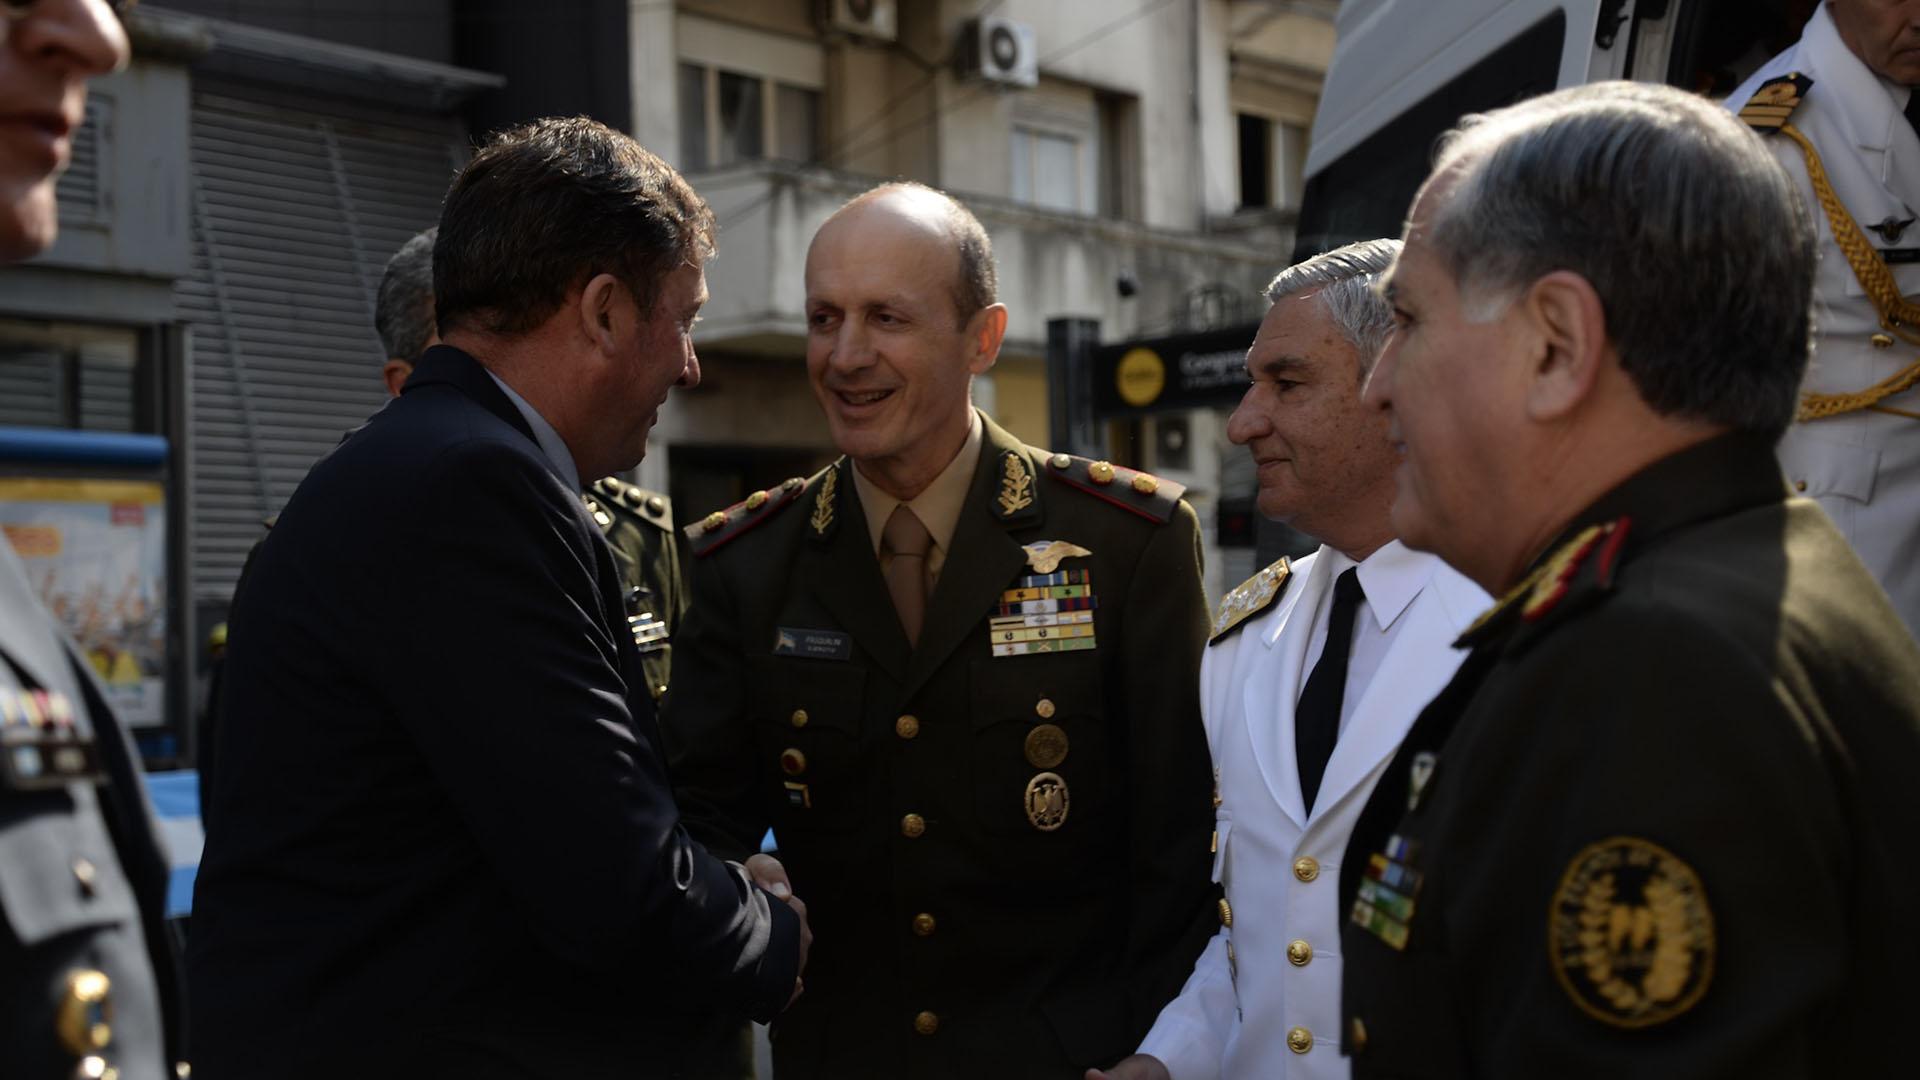 El jefe del Ejército Claudio Pasqualini